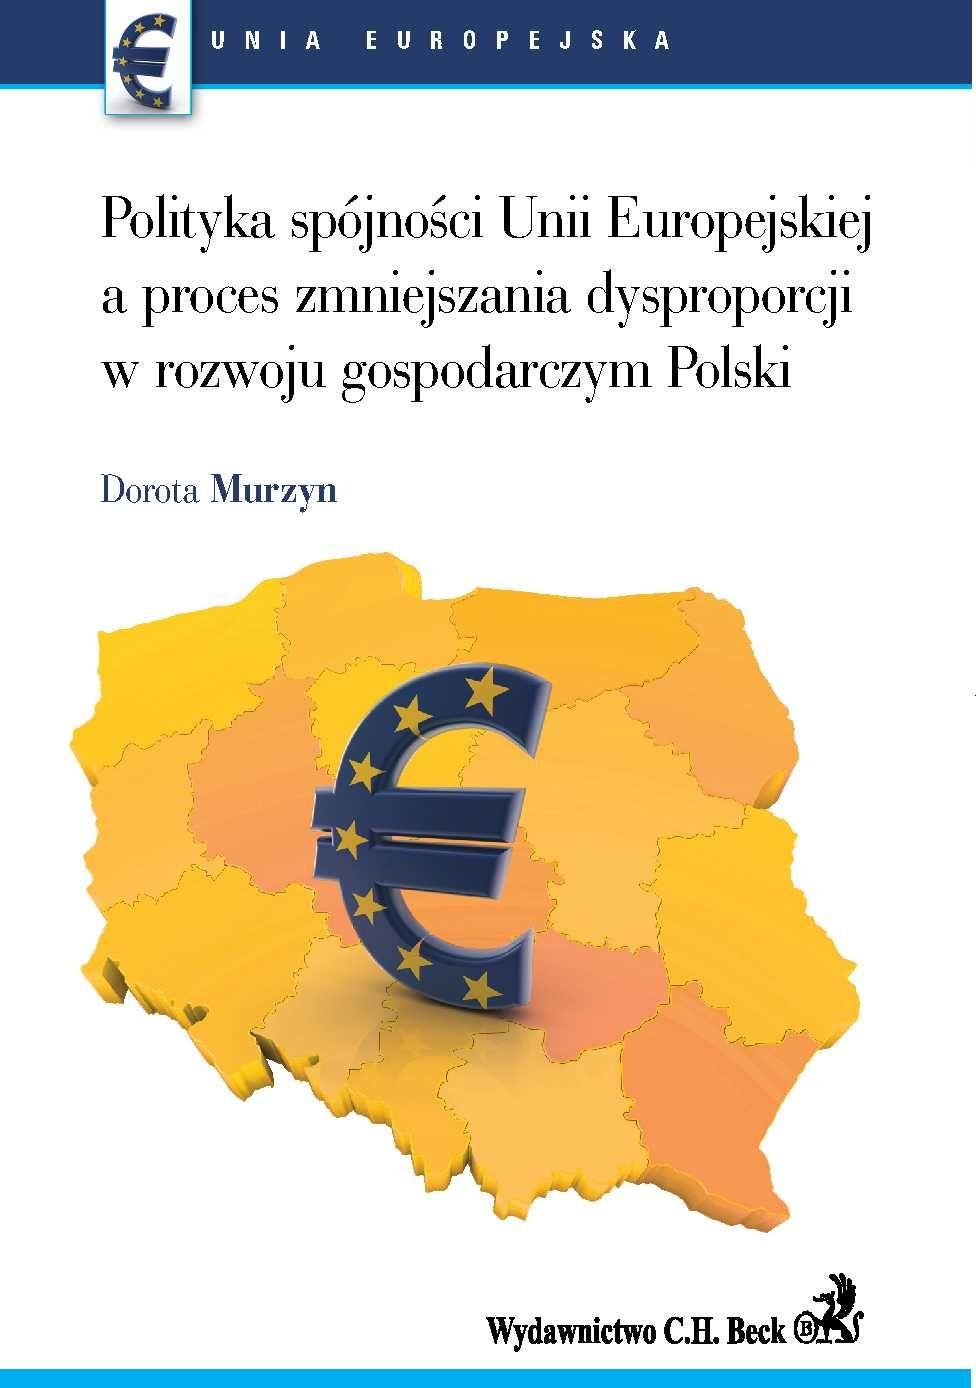 Polityka spójności UE a proces zmniejszenia dysproporcji w rozwoju gospodarczym Polski - Ebook (Książka PDF) do pobrania w formacie PDF